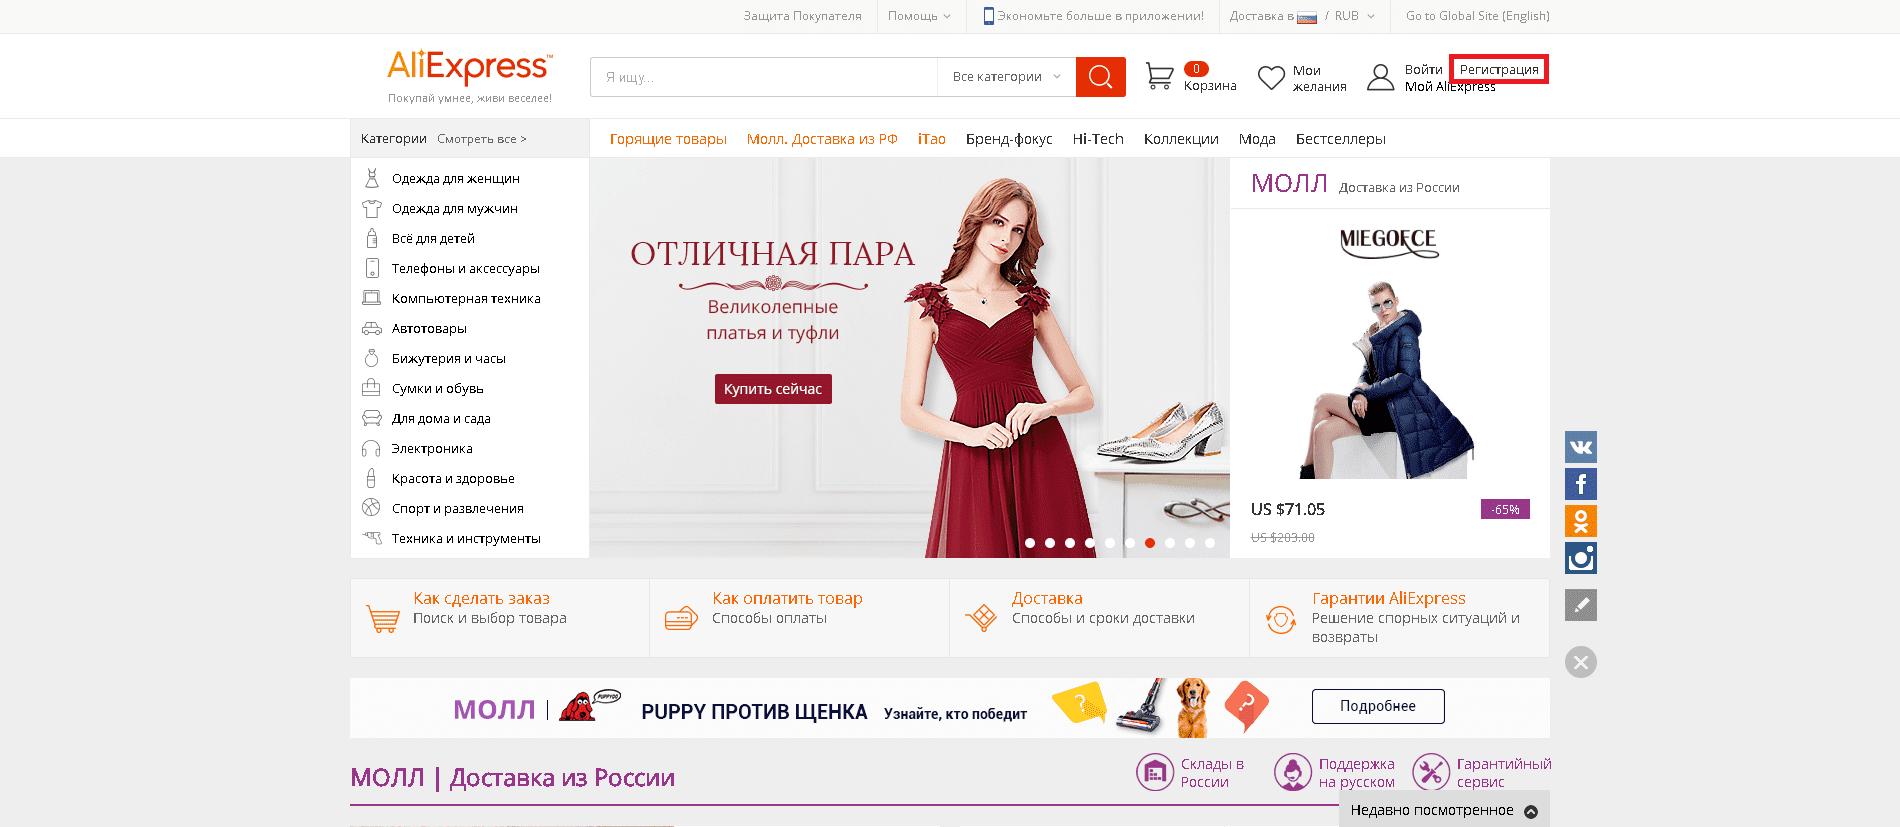 Популярная интернет-площадка для покупок китайской продукции